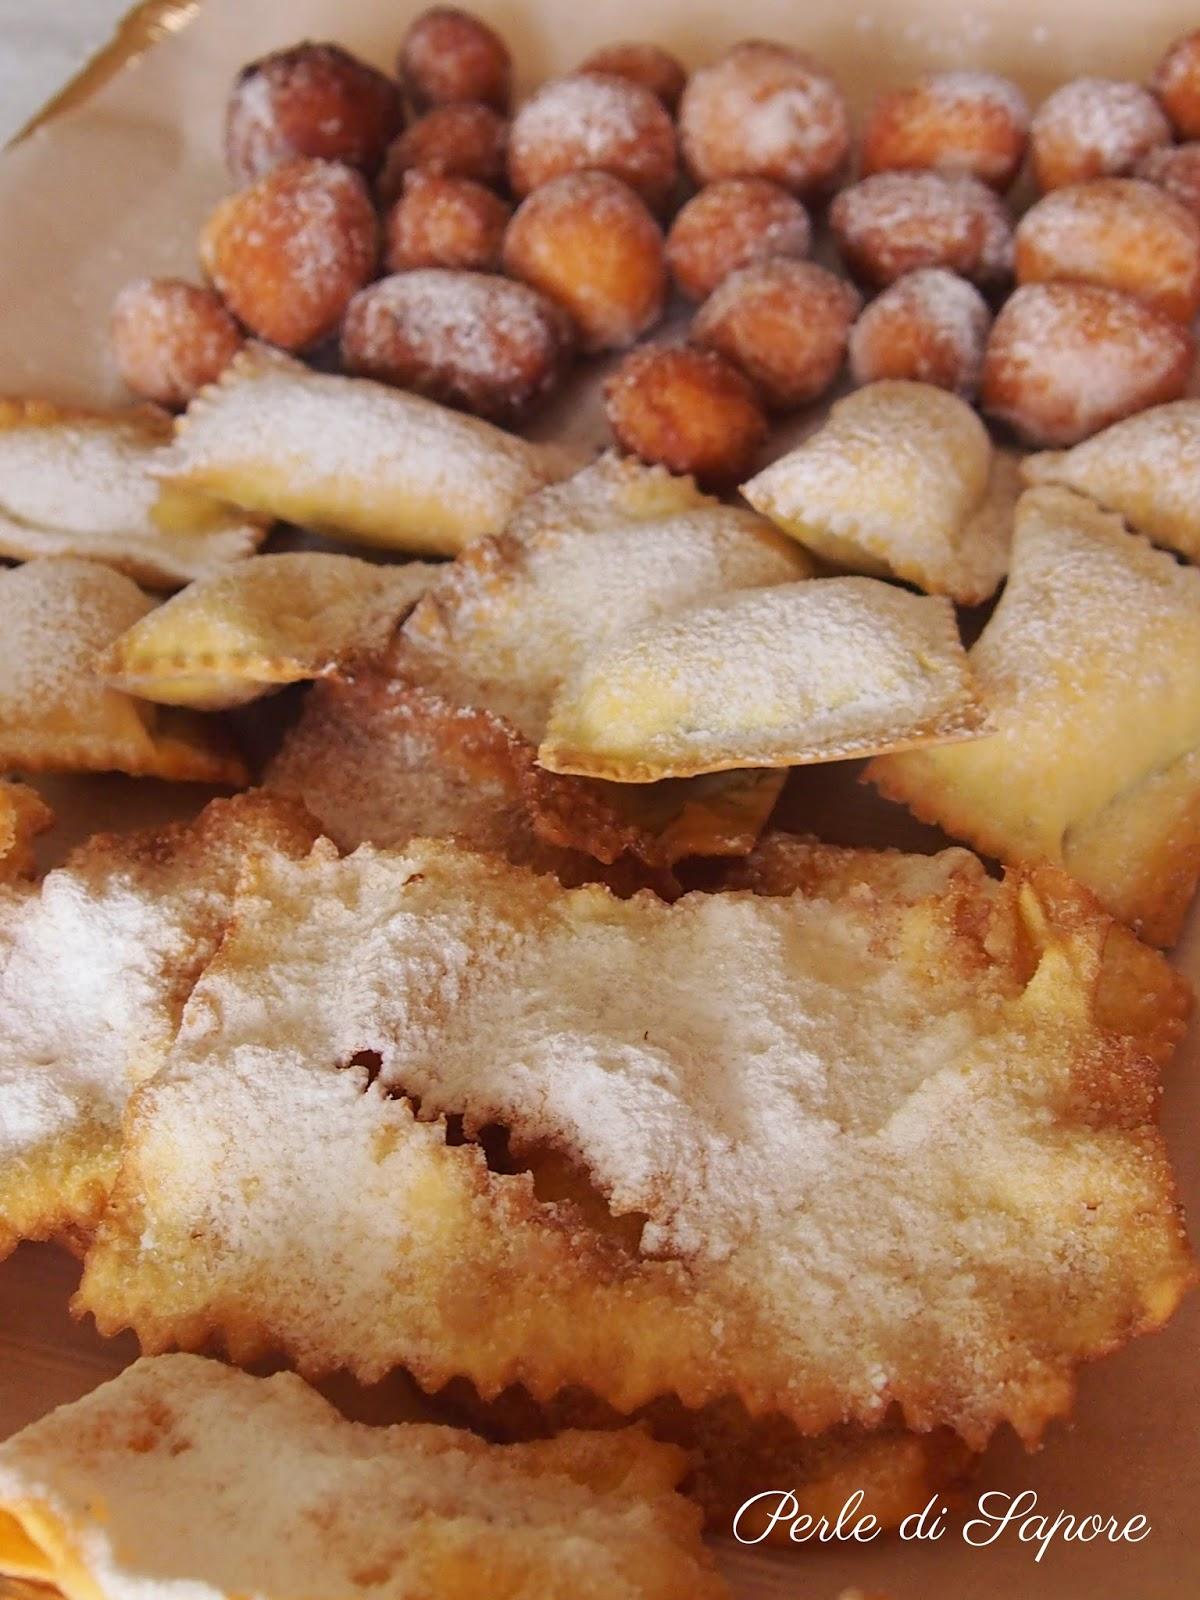 dolci di carnevale: chiacchiere, favette e ravioli dolci